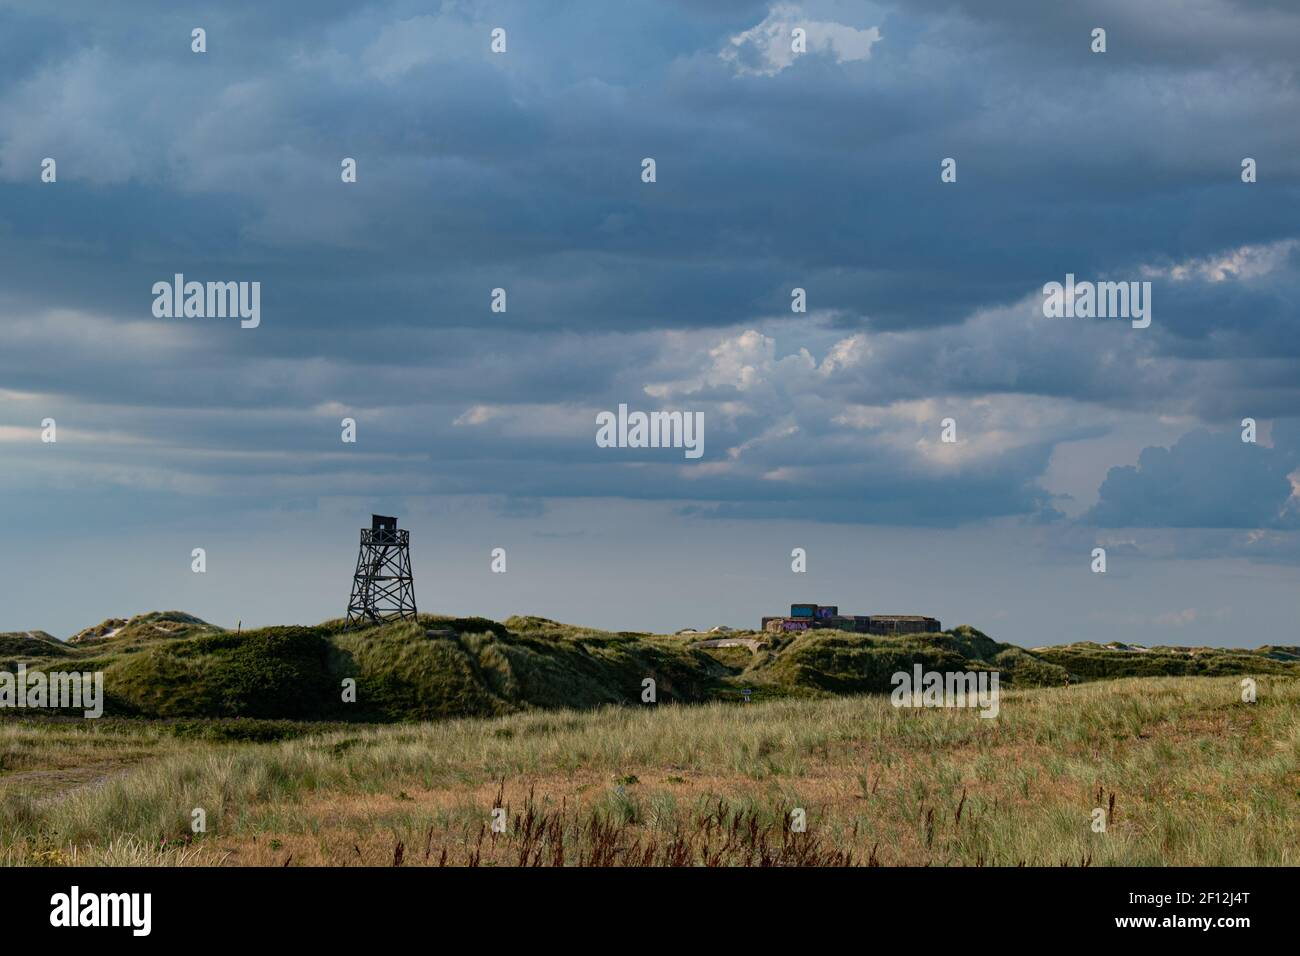 Dunas de arena de la playa de Blavand en Dinamarca con torre de vigilancia y bunker Foto de stock